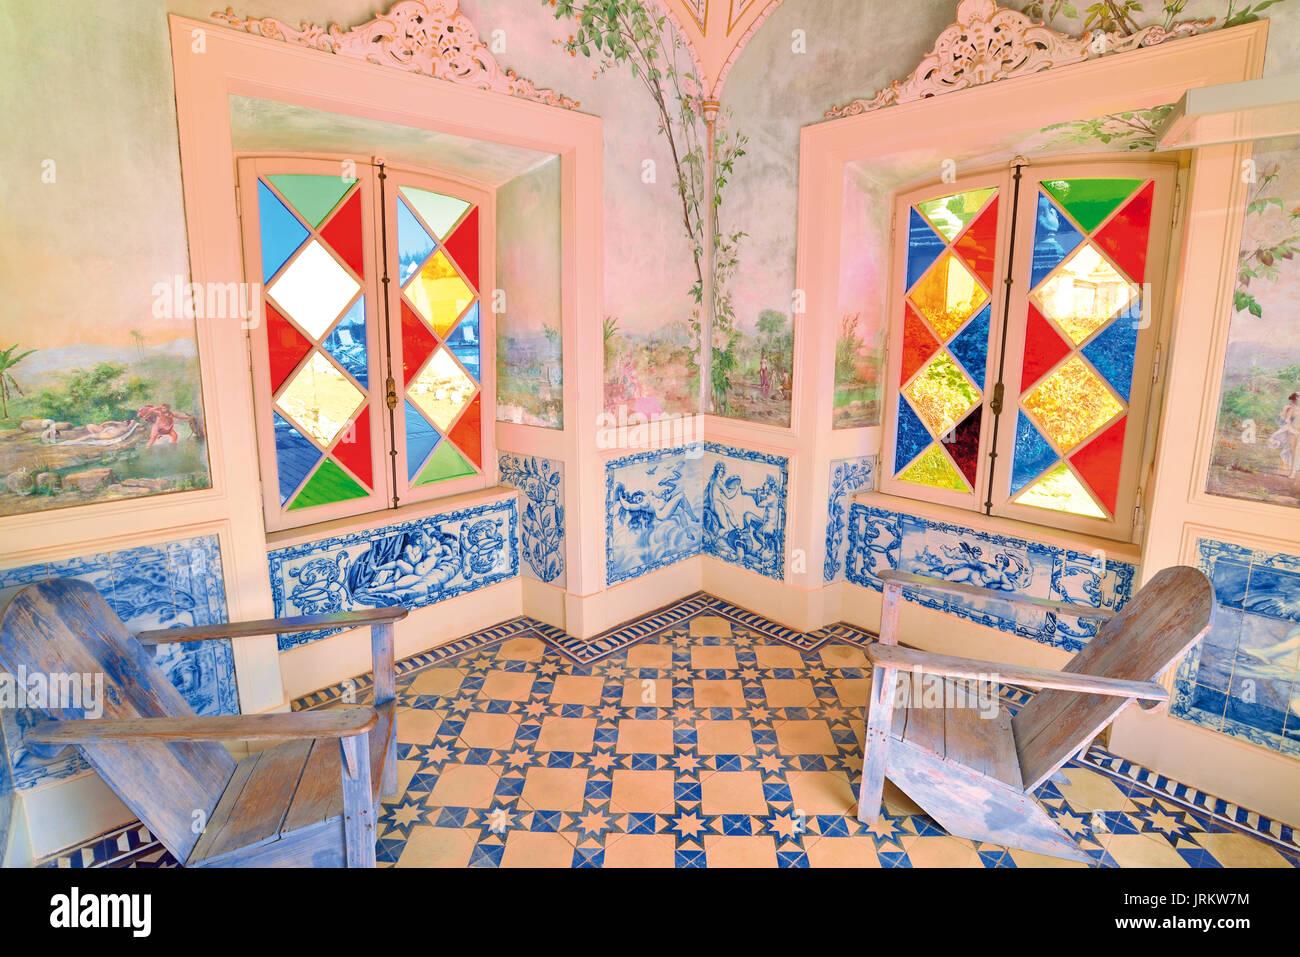 Algarve: mirada desde adentro a un pabellón del jardín con ventanas de vidrio y colorida decoración de azulejo de Estoi Palace Hotel Imagen De Stock